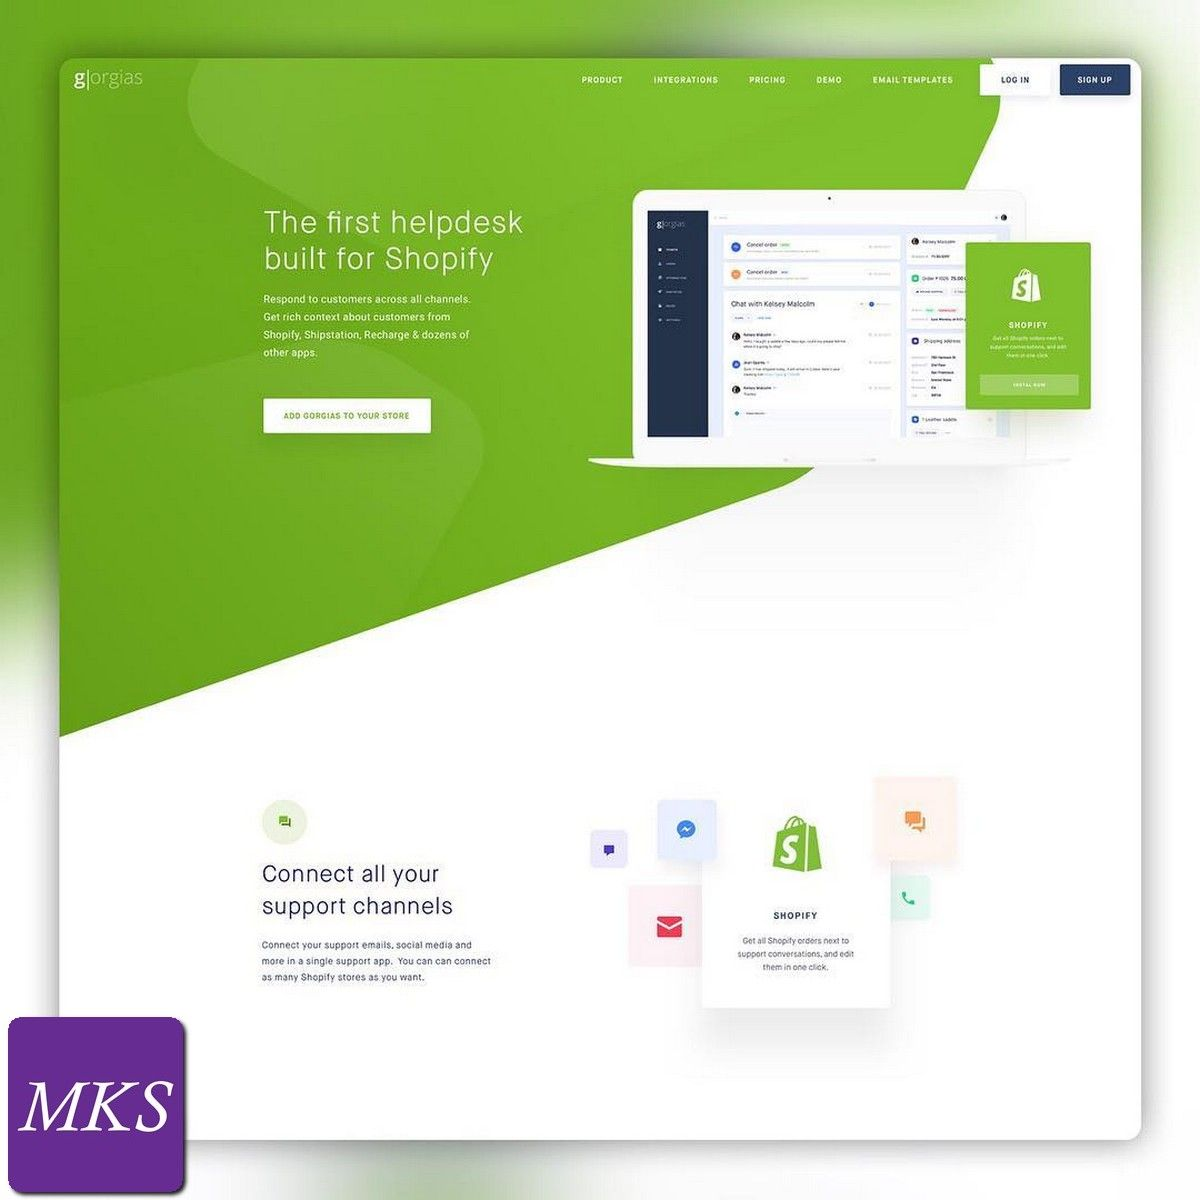 Visit us for more web design! -- MKS Web Design -- #mkswd